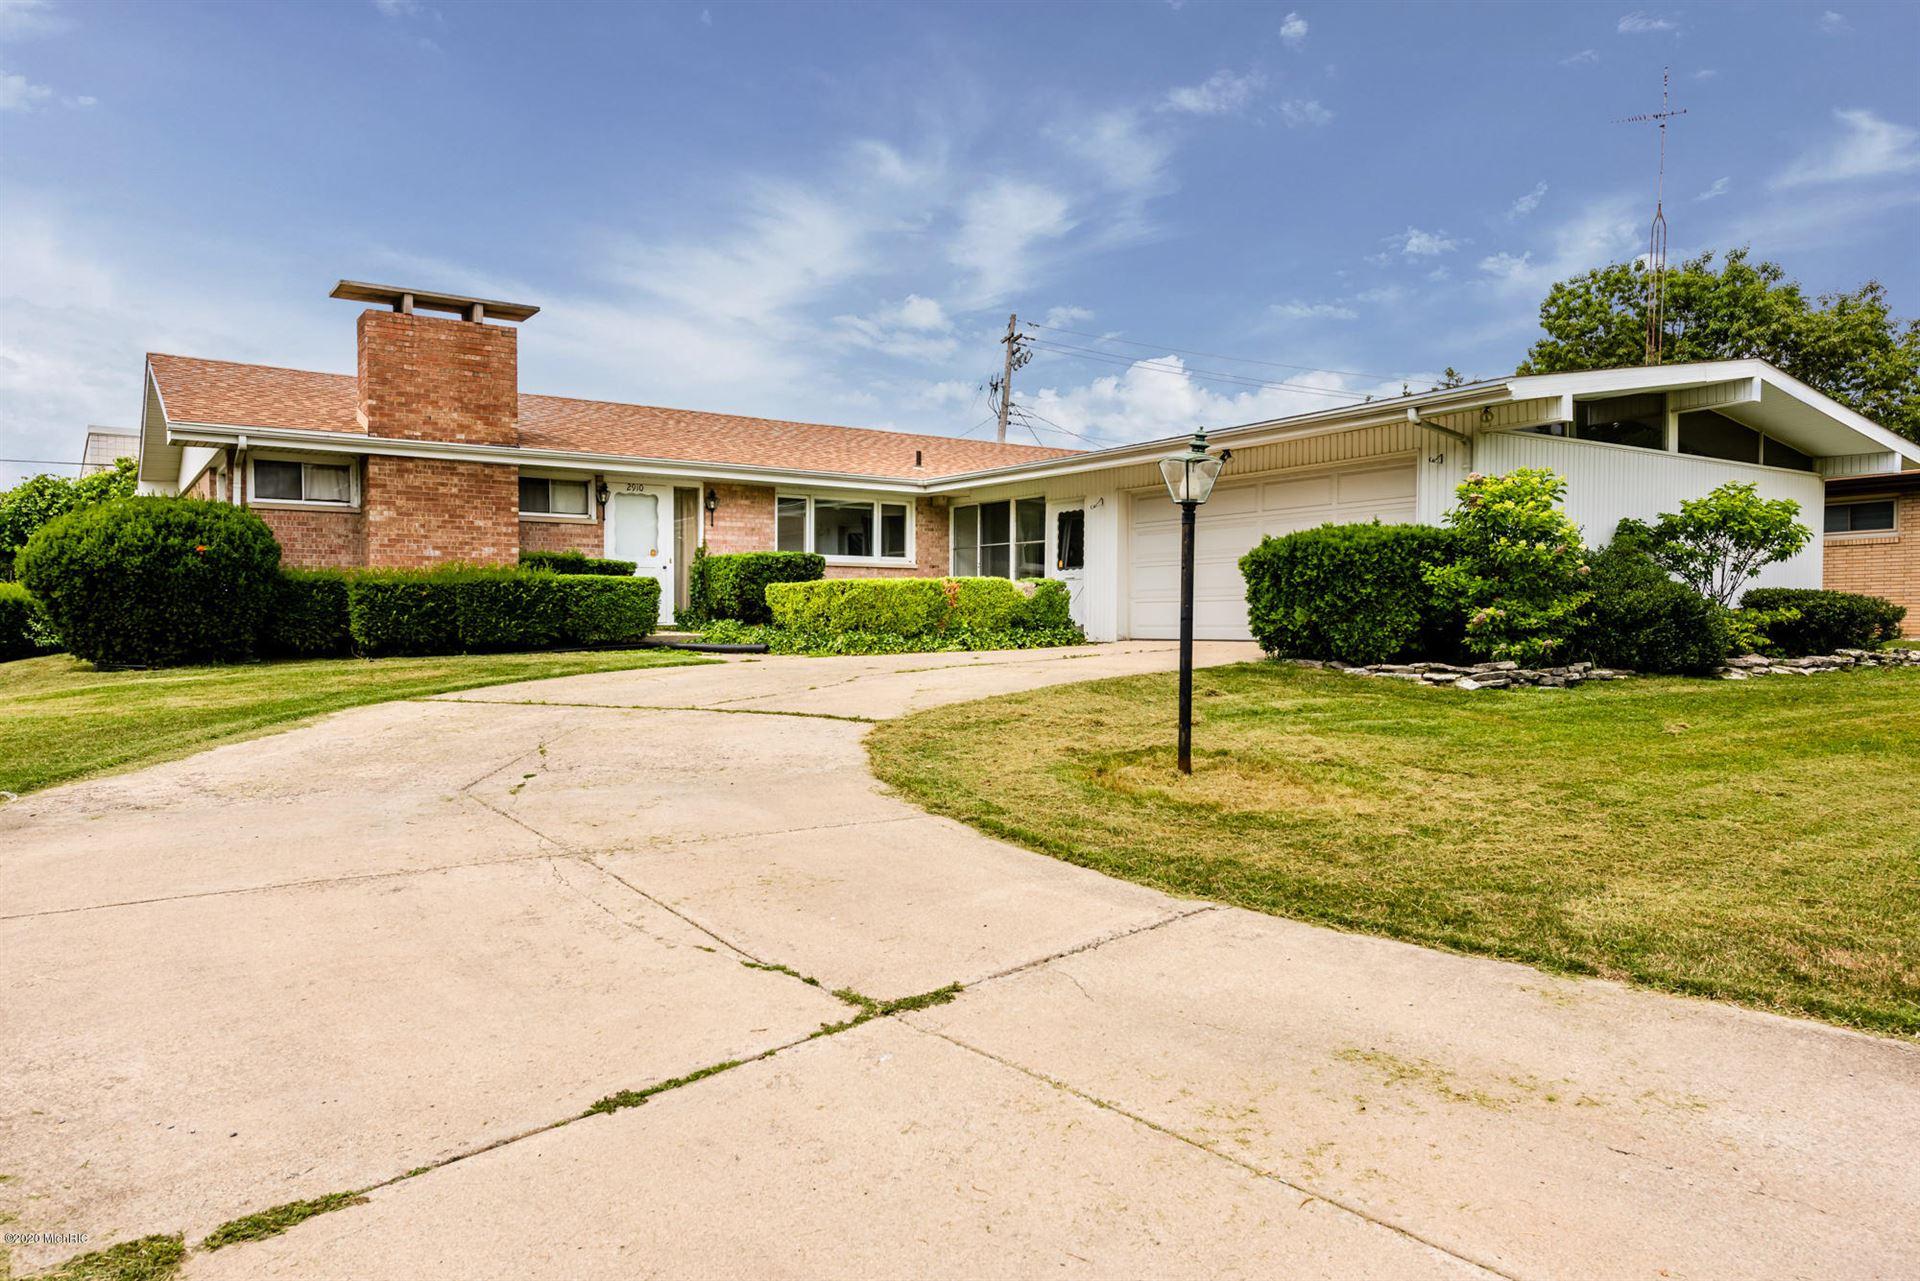 2910 Willa Drive, St. Joseph, MI 49085 - MLS#: 20028166